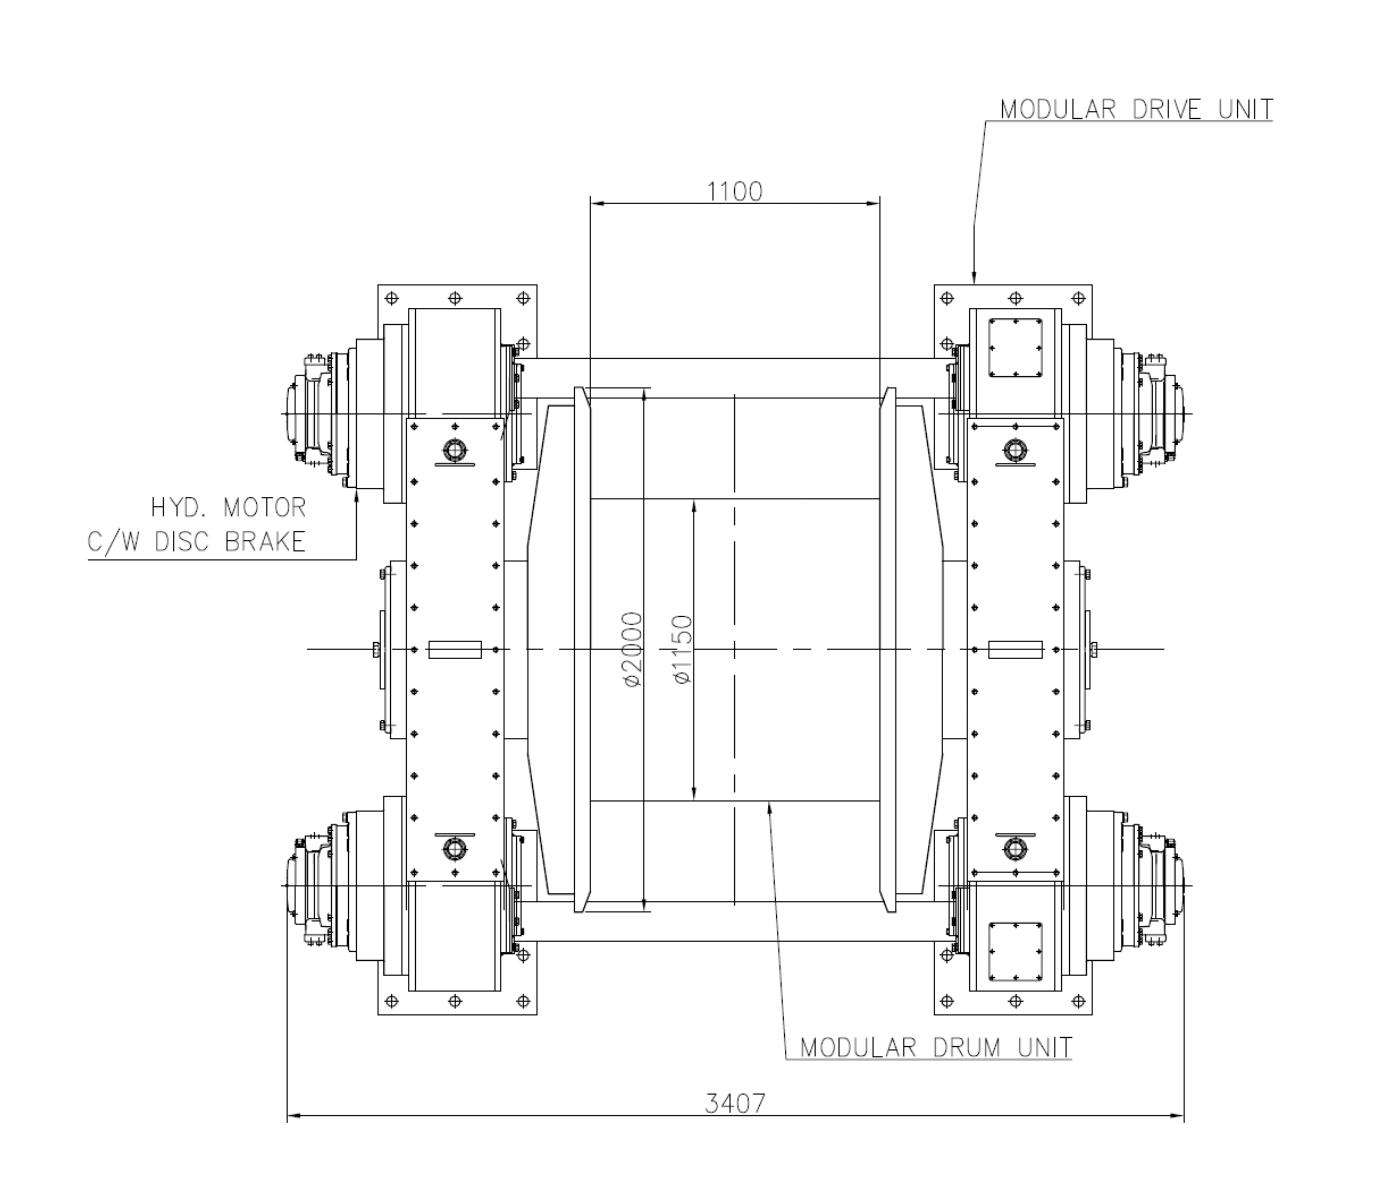 hight resolution of hydraulic winch diagram wiring diagrams boat winch diagram hydraulic winch diagram